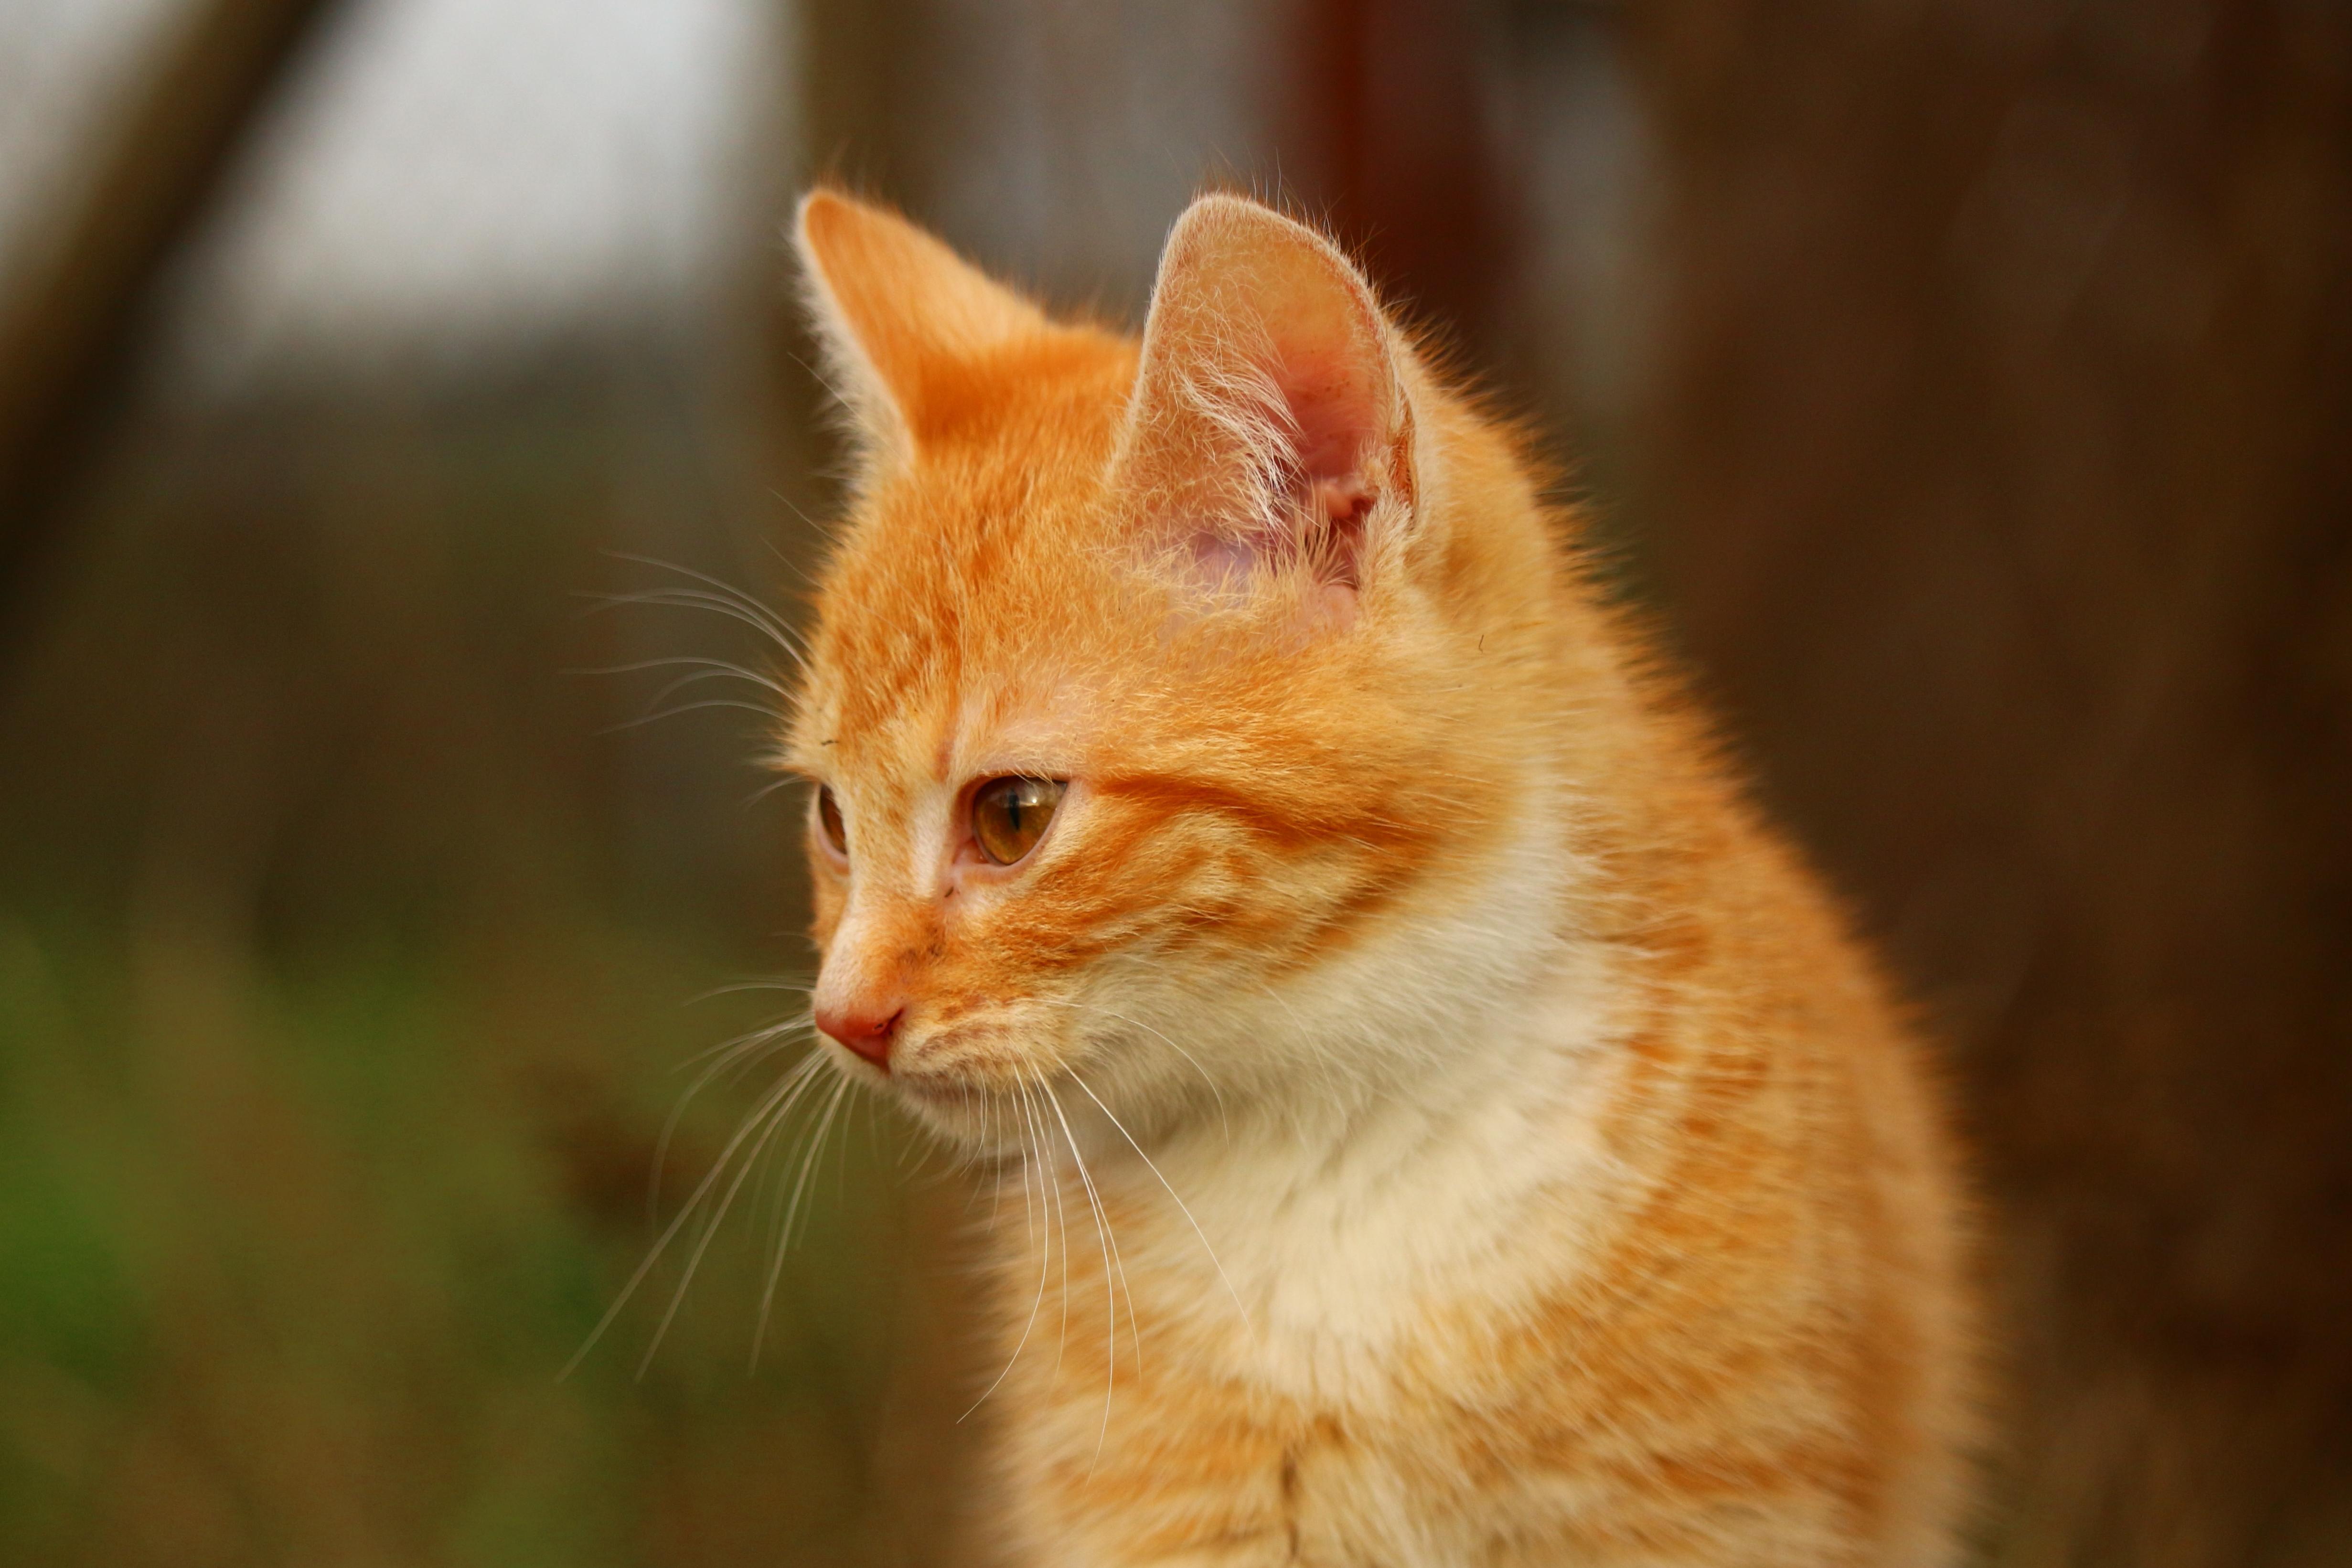 картинки желтого котика новгород, вид